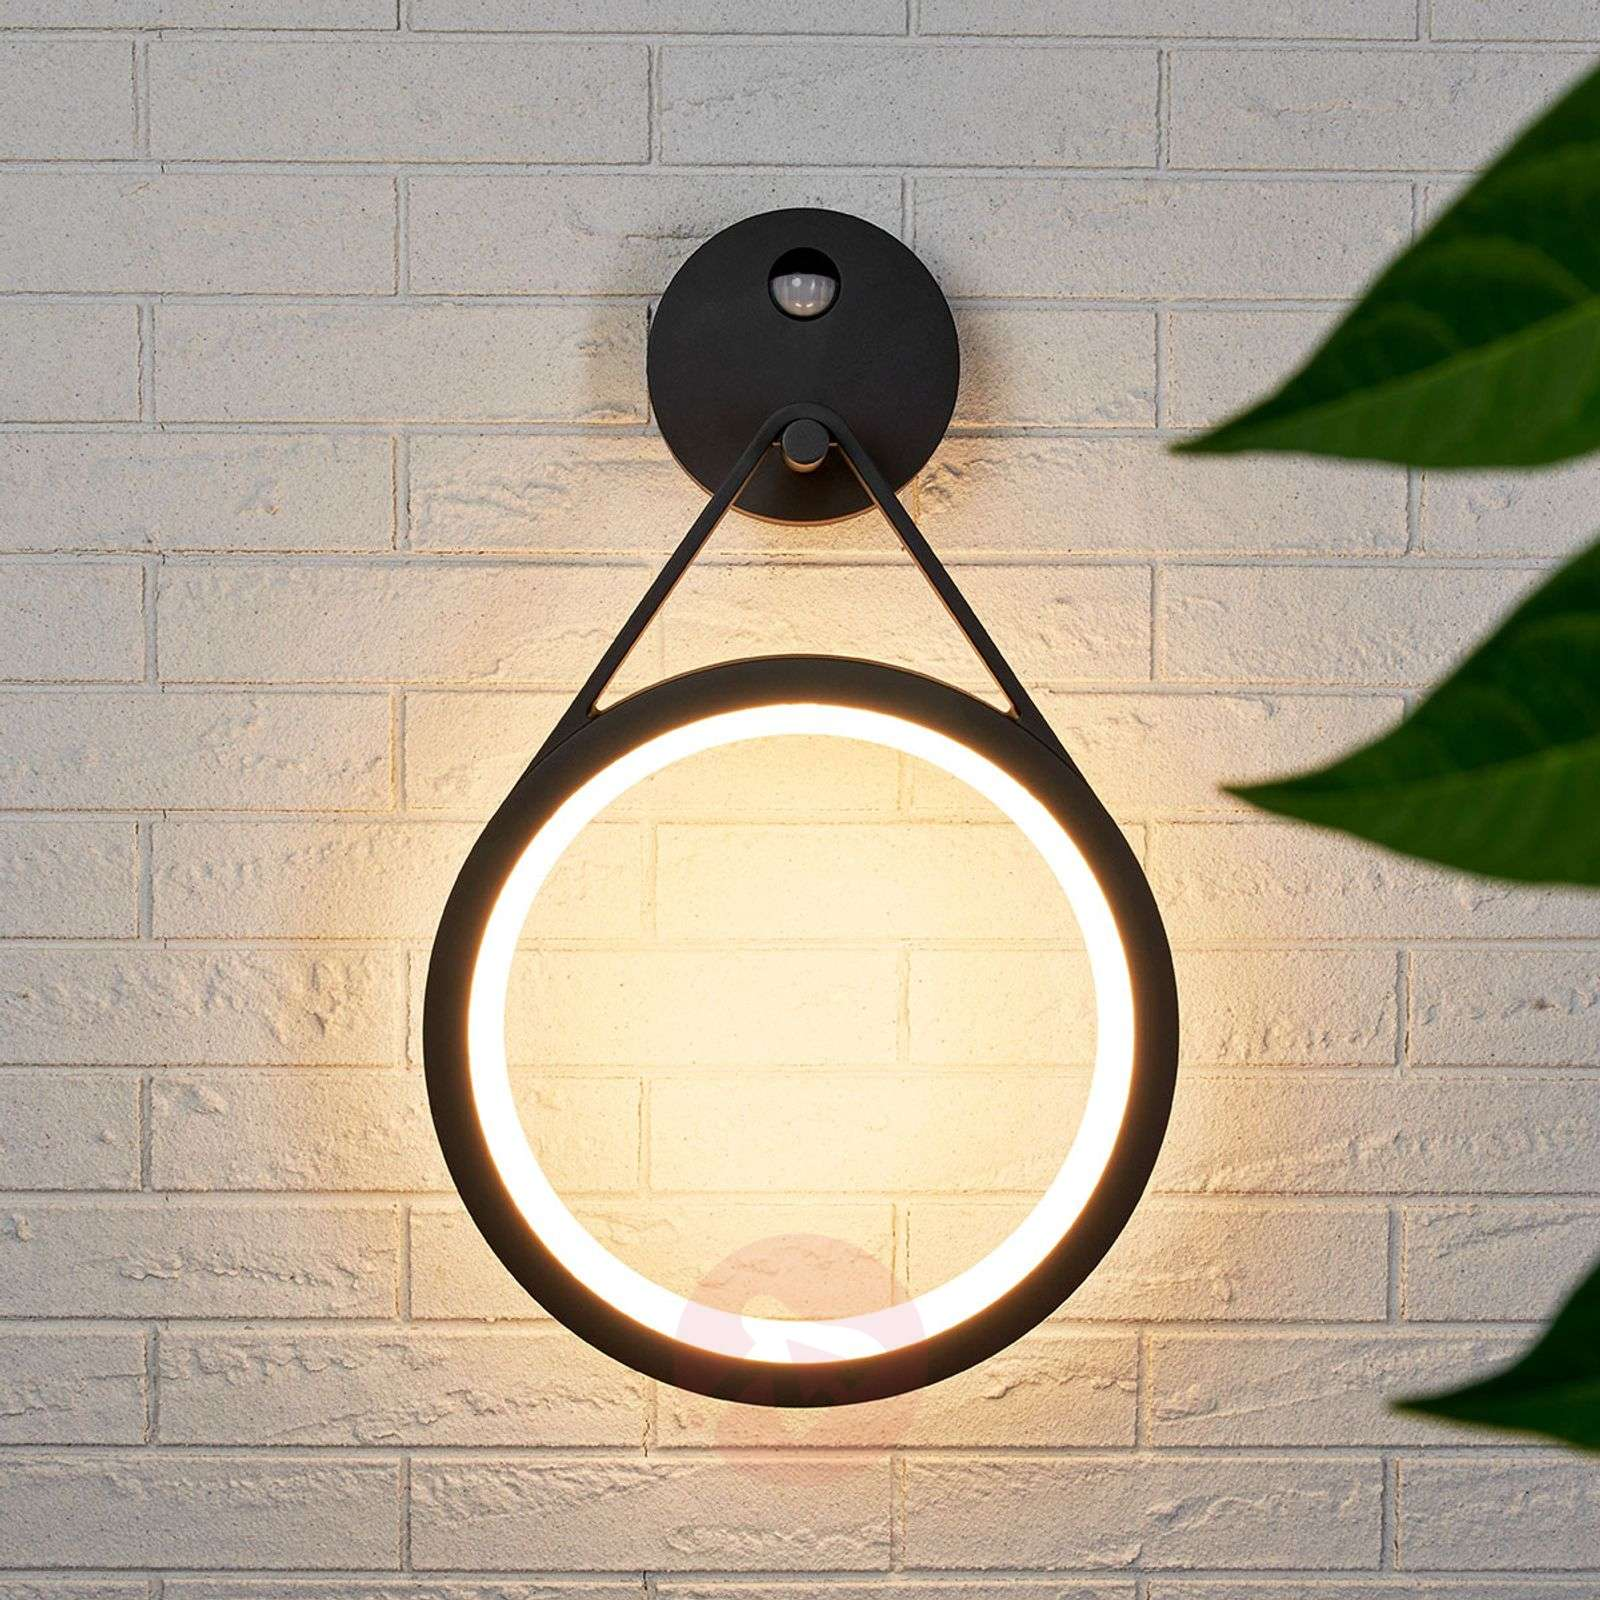 Mirco LED-ulkoseinävalaisin liiketunnistimella-9619146-02